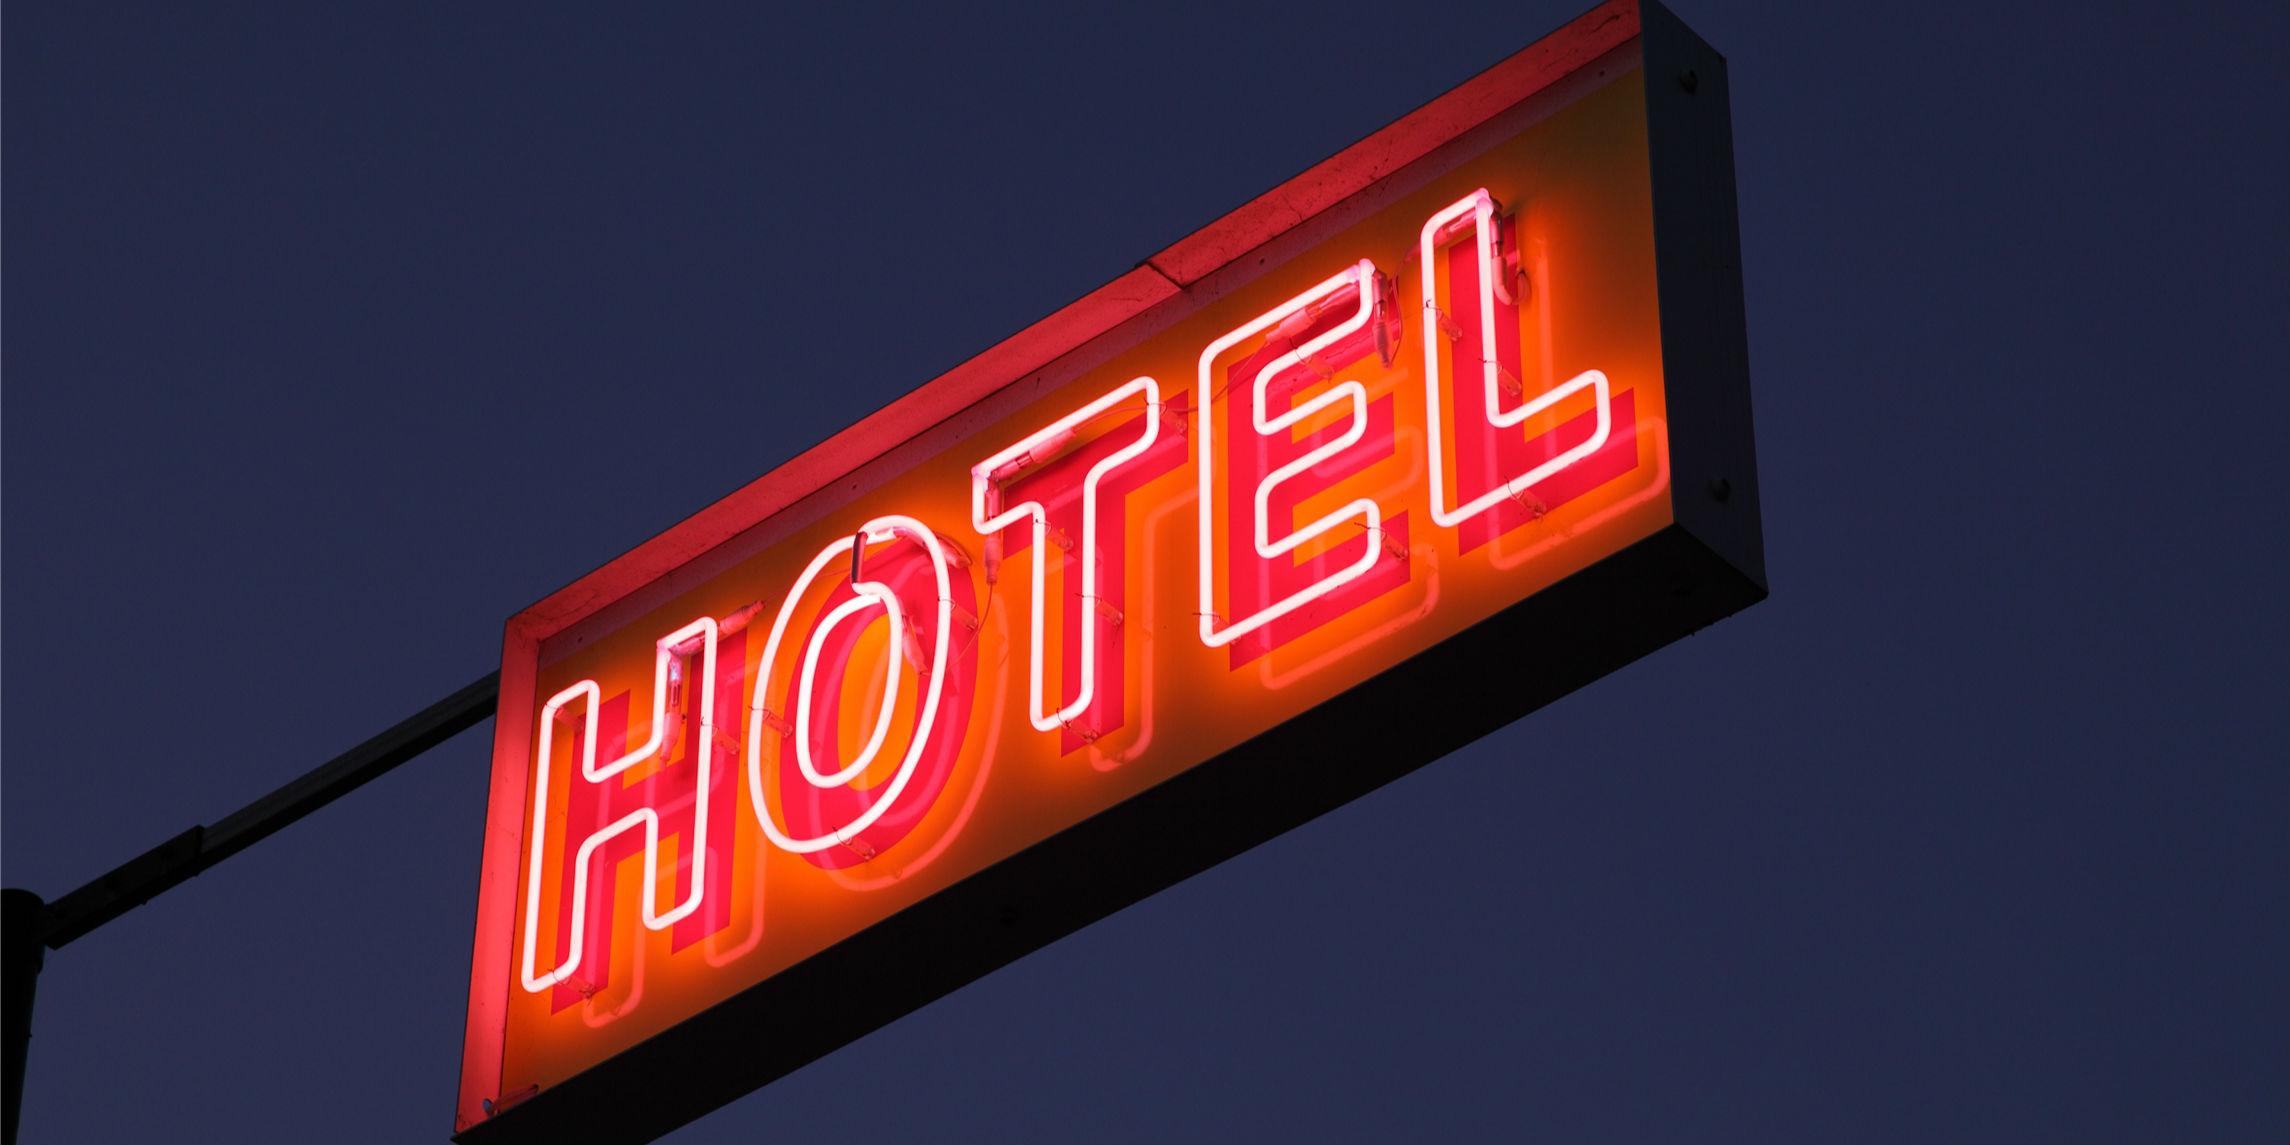 新型肺炎疫情下 各酒店集团发布紧急应对措施